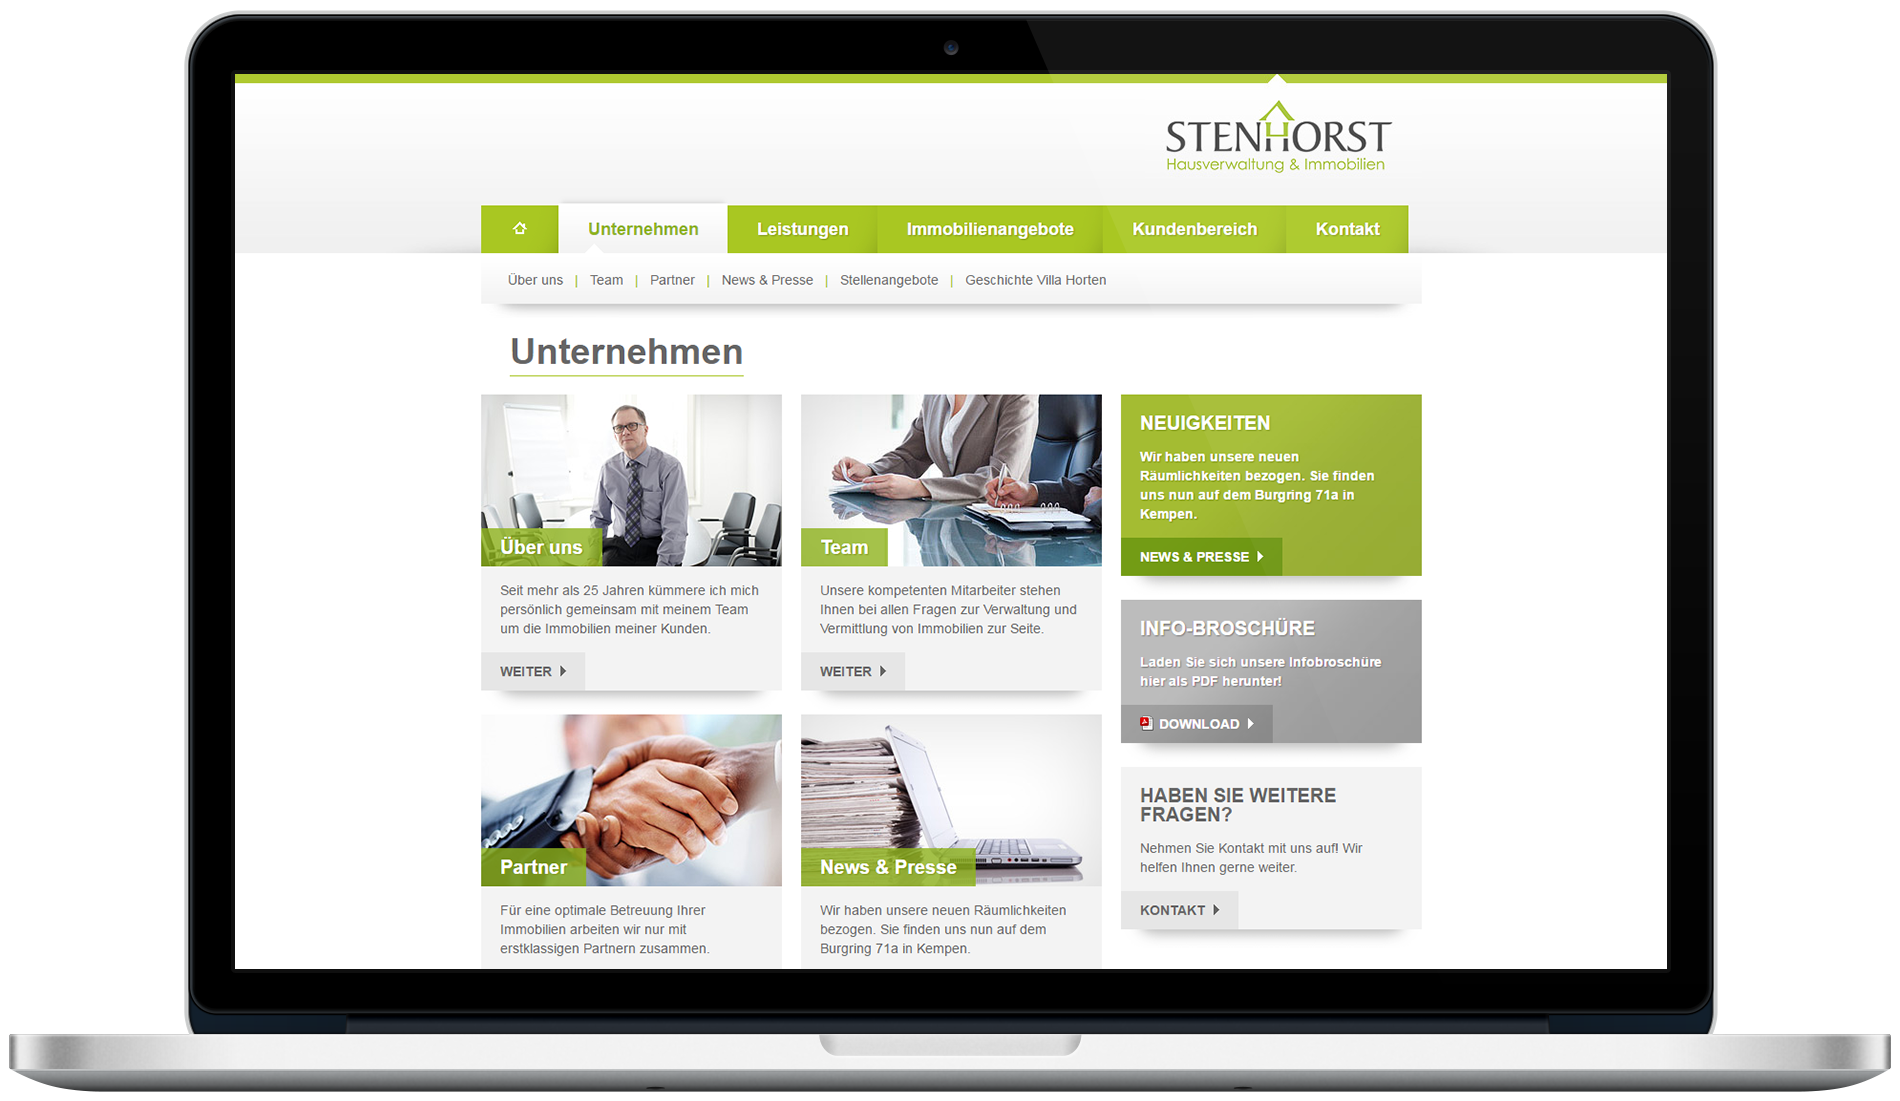 stenhorst-unternehmen-macbook